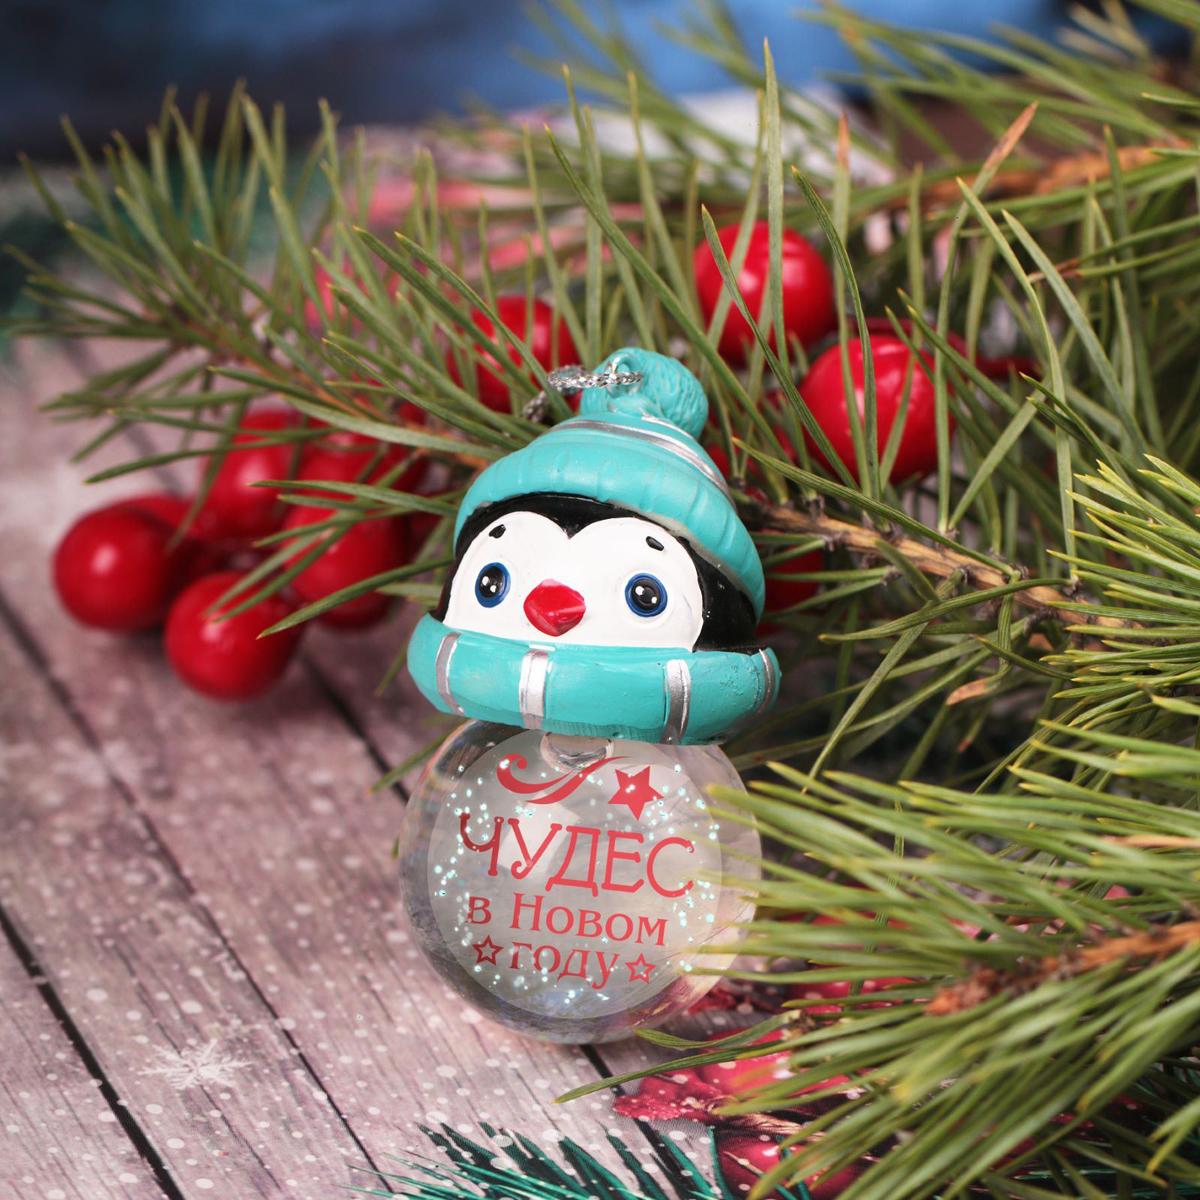 Новогоднее подвесное украшение Sima-land Чудес в Новом году, светящееся, 6,3 см1366200Новогоднее украшение Sima-land отлично подойдет для декорации вашего дома и новогодней ели. Елочная игрушка - символ Нового года. Она несет в себе волшебство и красоту праздника. Такое украшение создаст в вашем доме атмосферу праздника, веселья и радости.